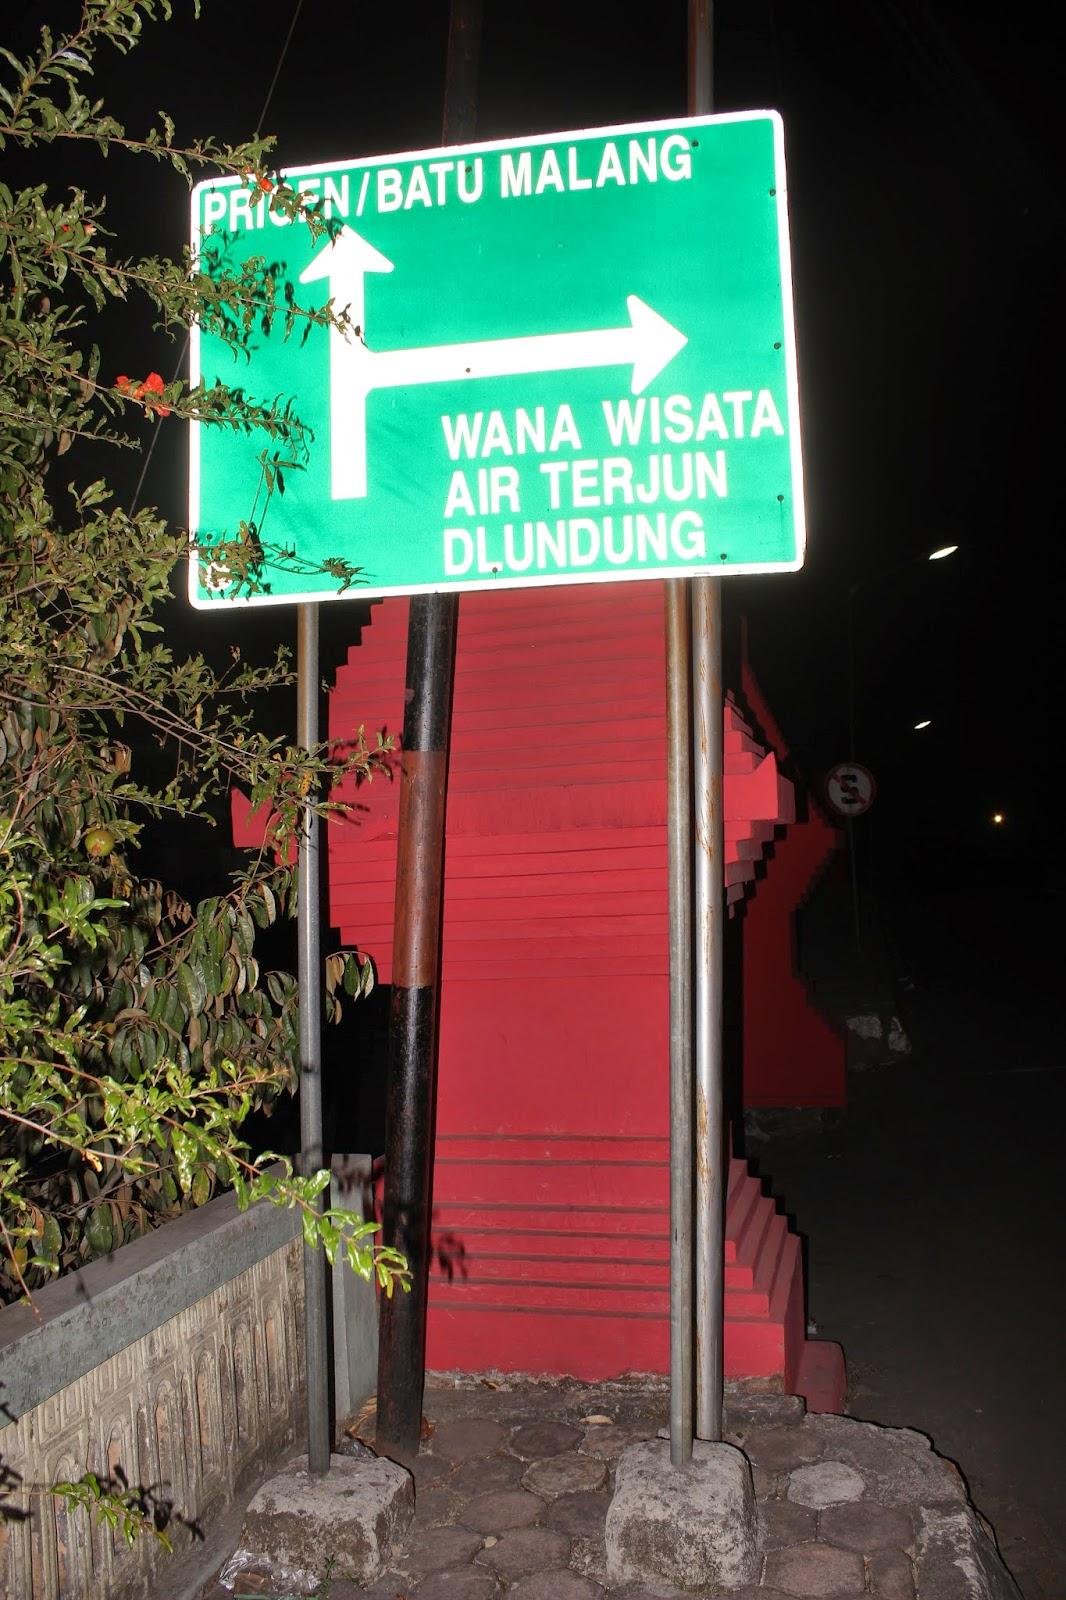 Trip Air Terjun Dlundung Ii Iii Trawas Mojokerto Jawa Timur